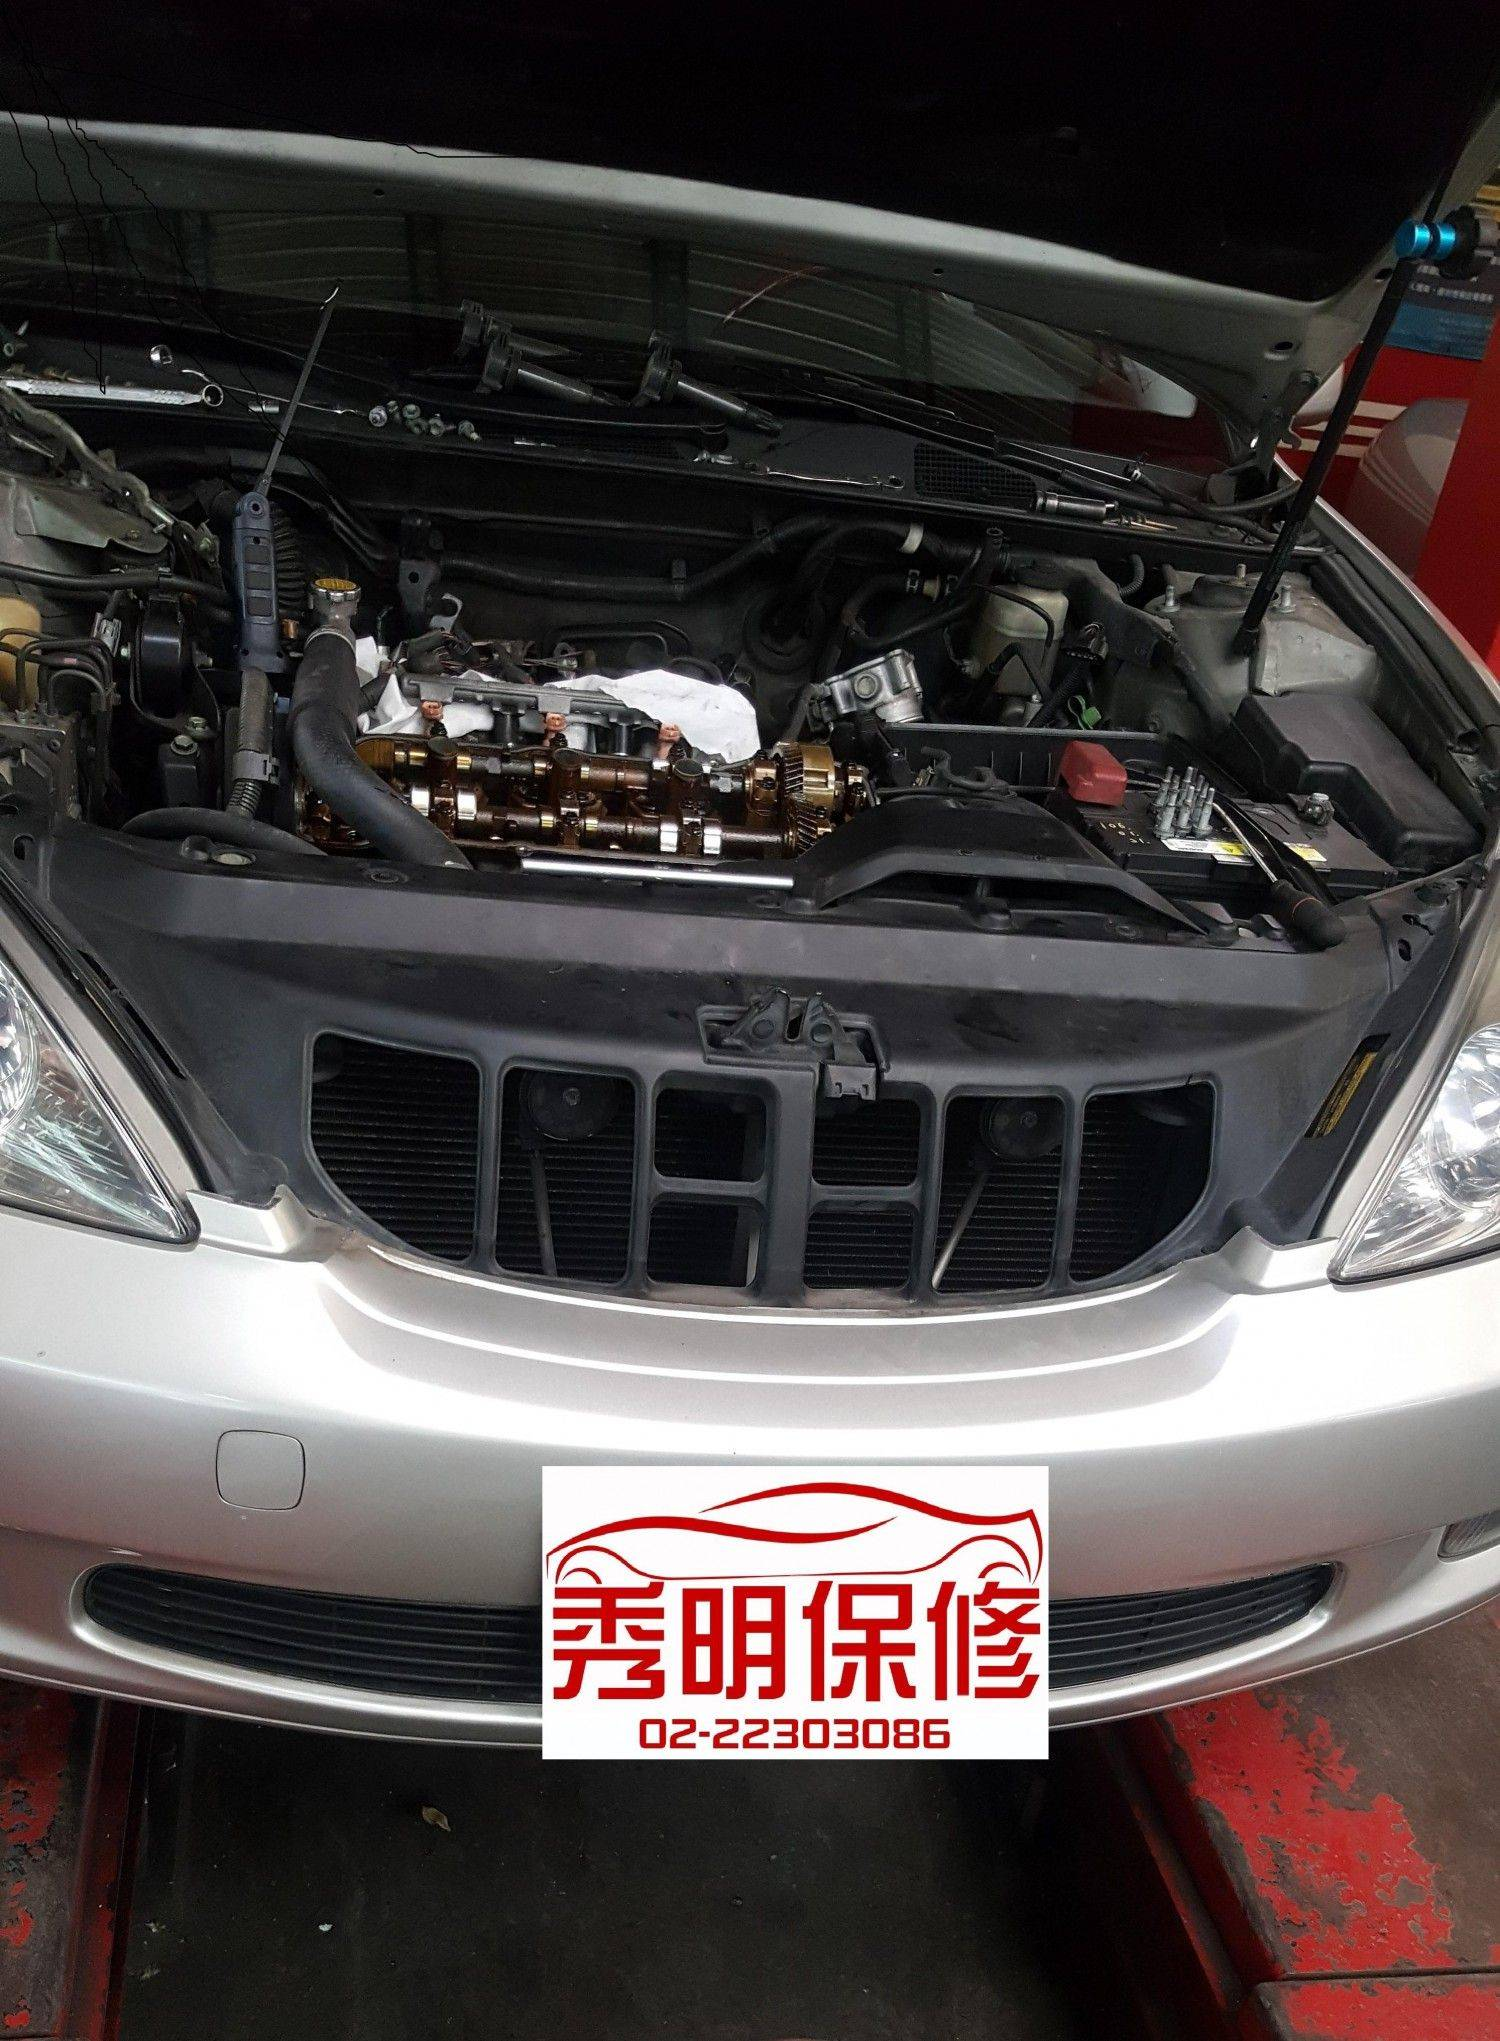 【秀明汽車】凌志/LEXUS ES330 引擎問題#引擎漏油#引擎冒煙#引擎燈亮